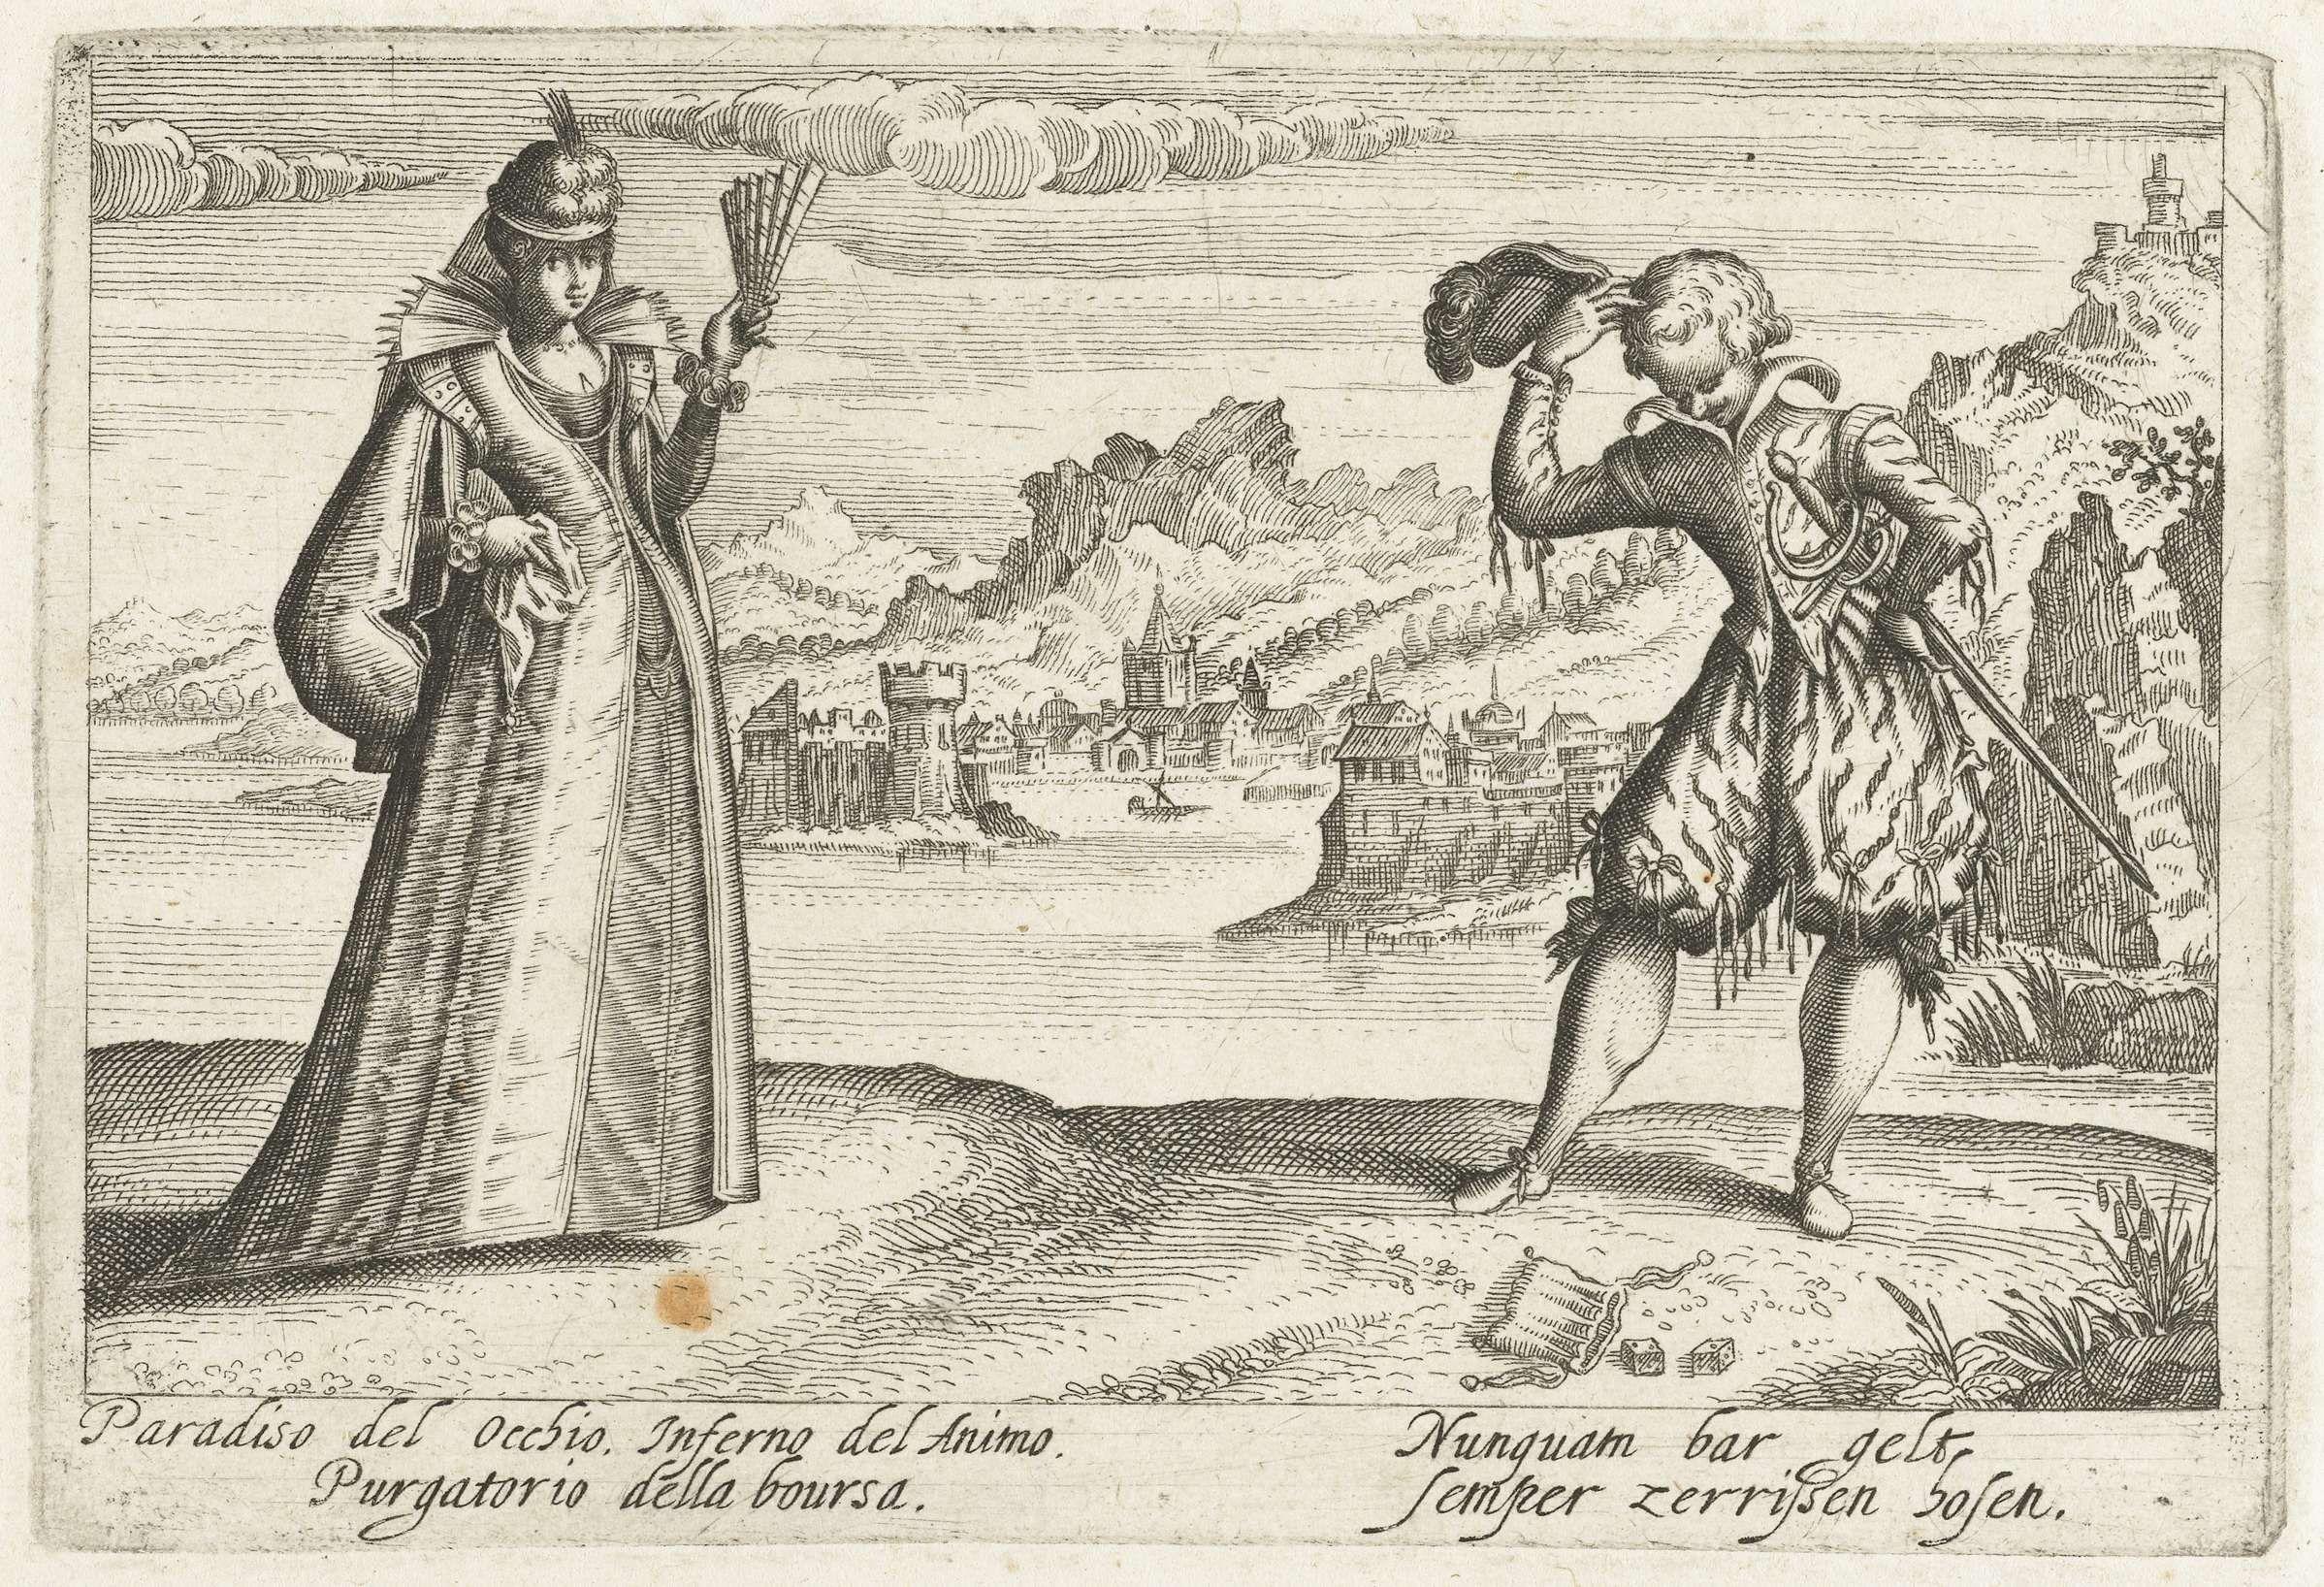 Jacob van der Heyden   Paradiso per Occhio...;dame en heer in landschap, met dobbelstenen, Jacob van der Heyden, 1608 - 1618   Een elegante dame met een waaier in de hand en een jongeman, tegenover haar,staand in een landschap met water en heuvels op de achtergrond. De jongeman kijkt naar de grond, waar twee dobbelstenen en een beurs voor zijn voeten liggen. Prent uit: Pugillis Facetarium....Strasburg.